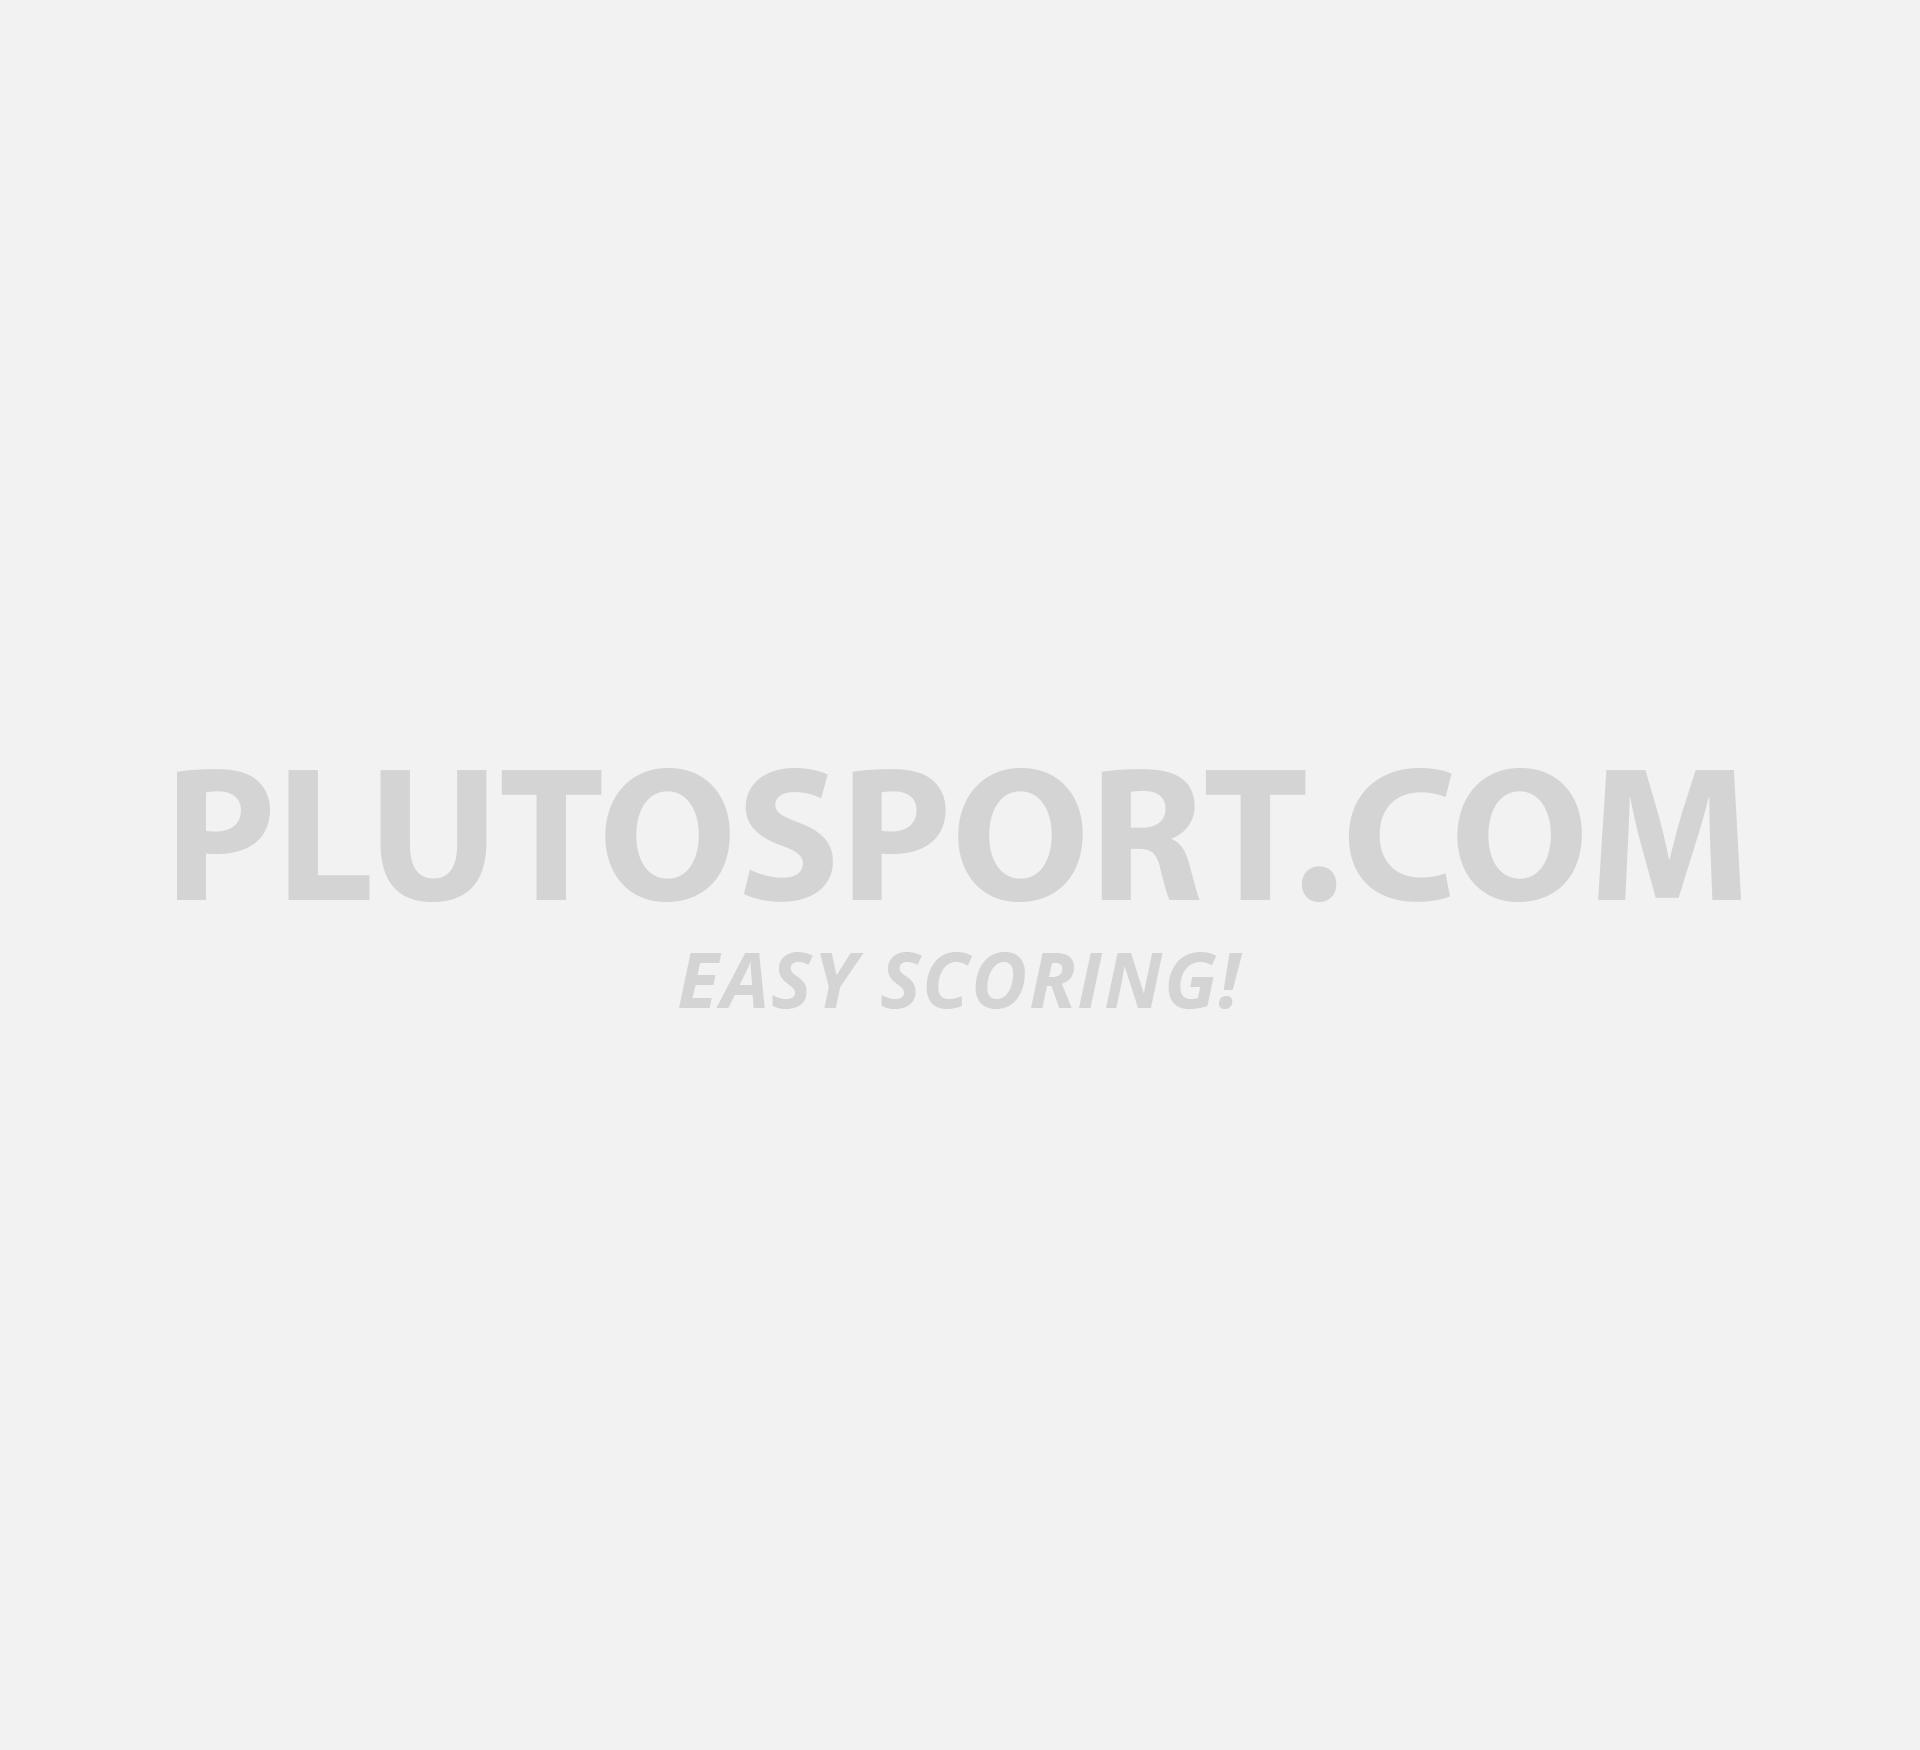 super popular d2a6d a61a7 Adidas Copa Mundial FG Footballshoes Men - Boots fixed stud - Shoes -  Football - Sports  Plutosport